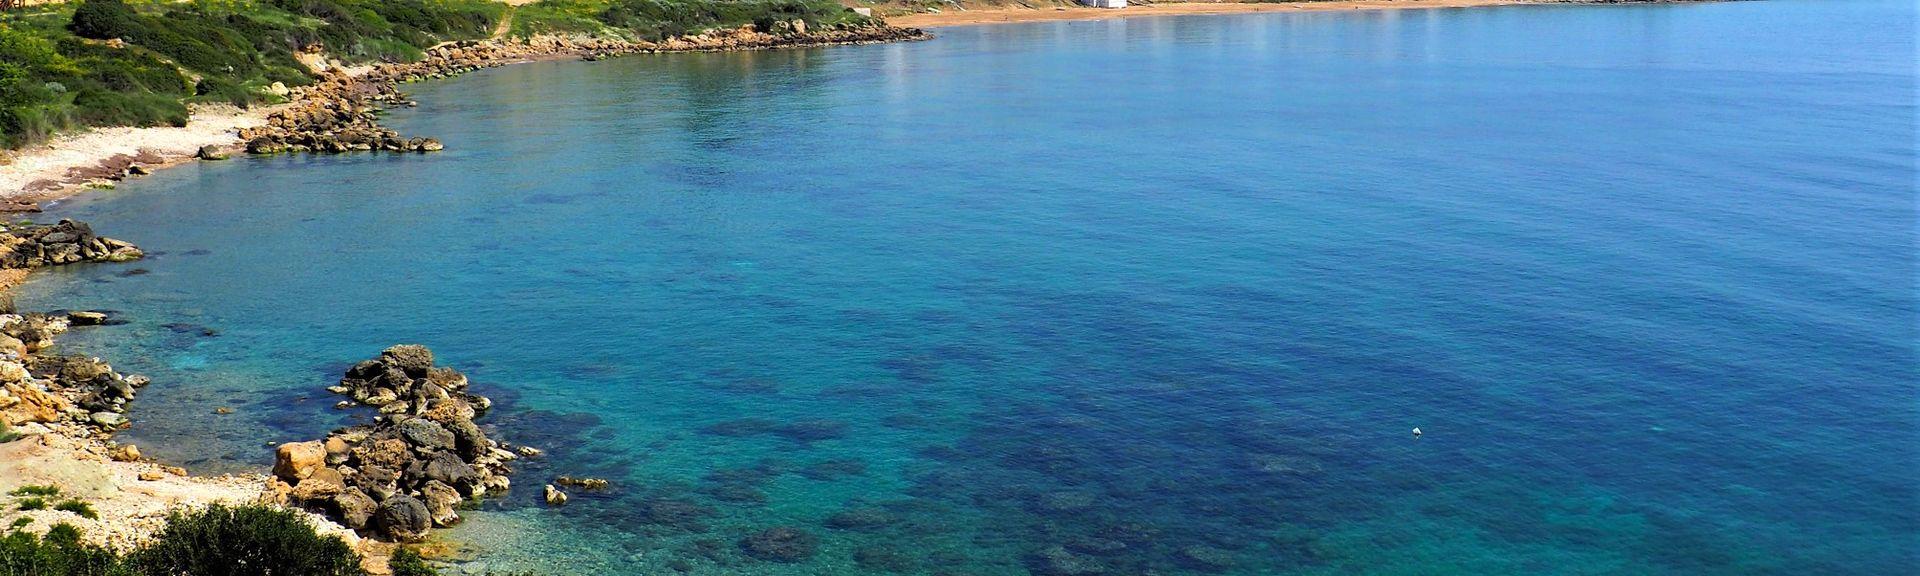 Le Castella, Isola di Capo Rizzuto, Calabria, Italia